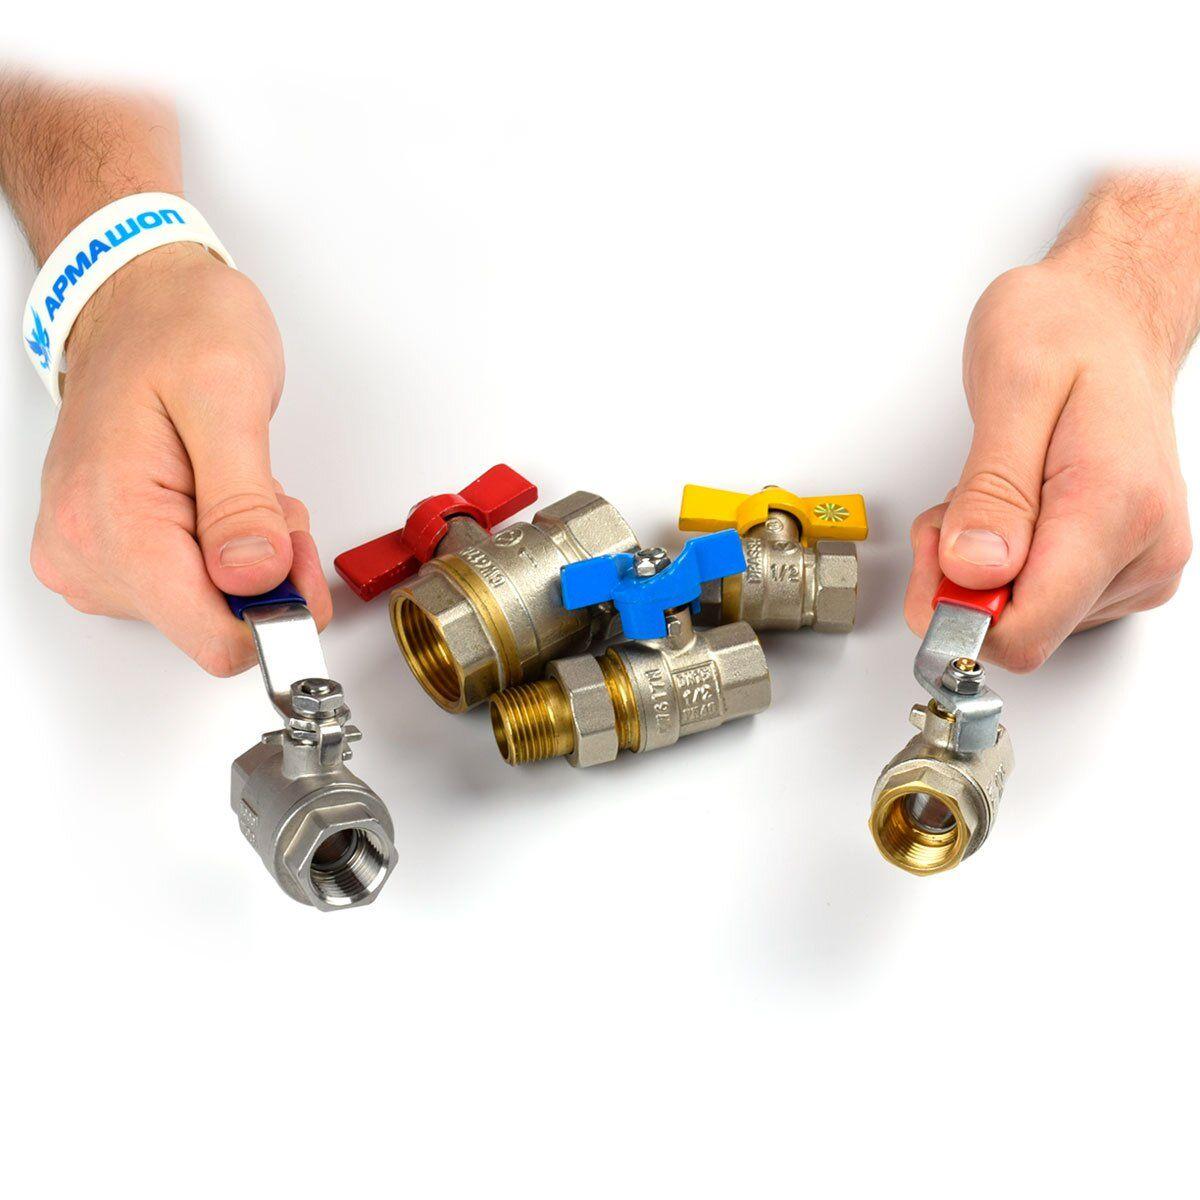 Как выбрать шаровый кран, какие краны лучше для водопровода — Armashop.ua